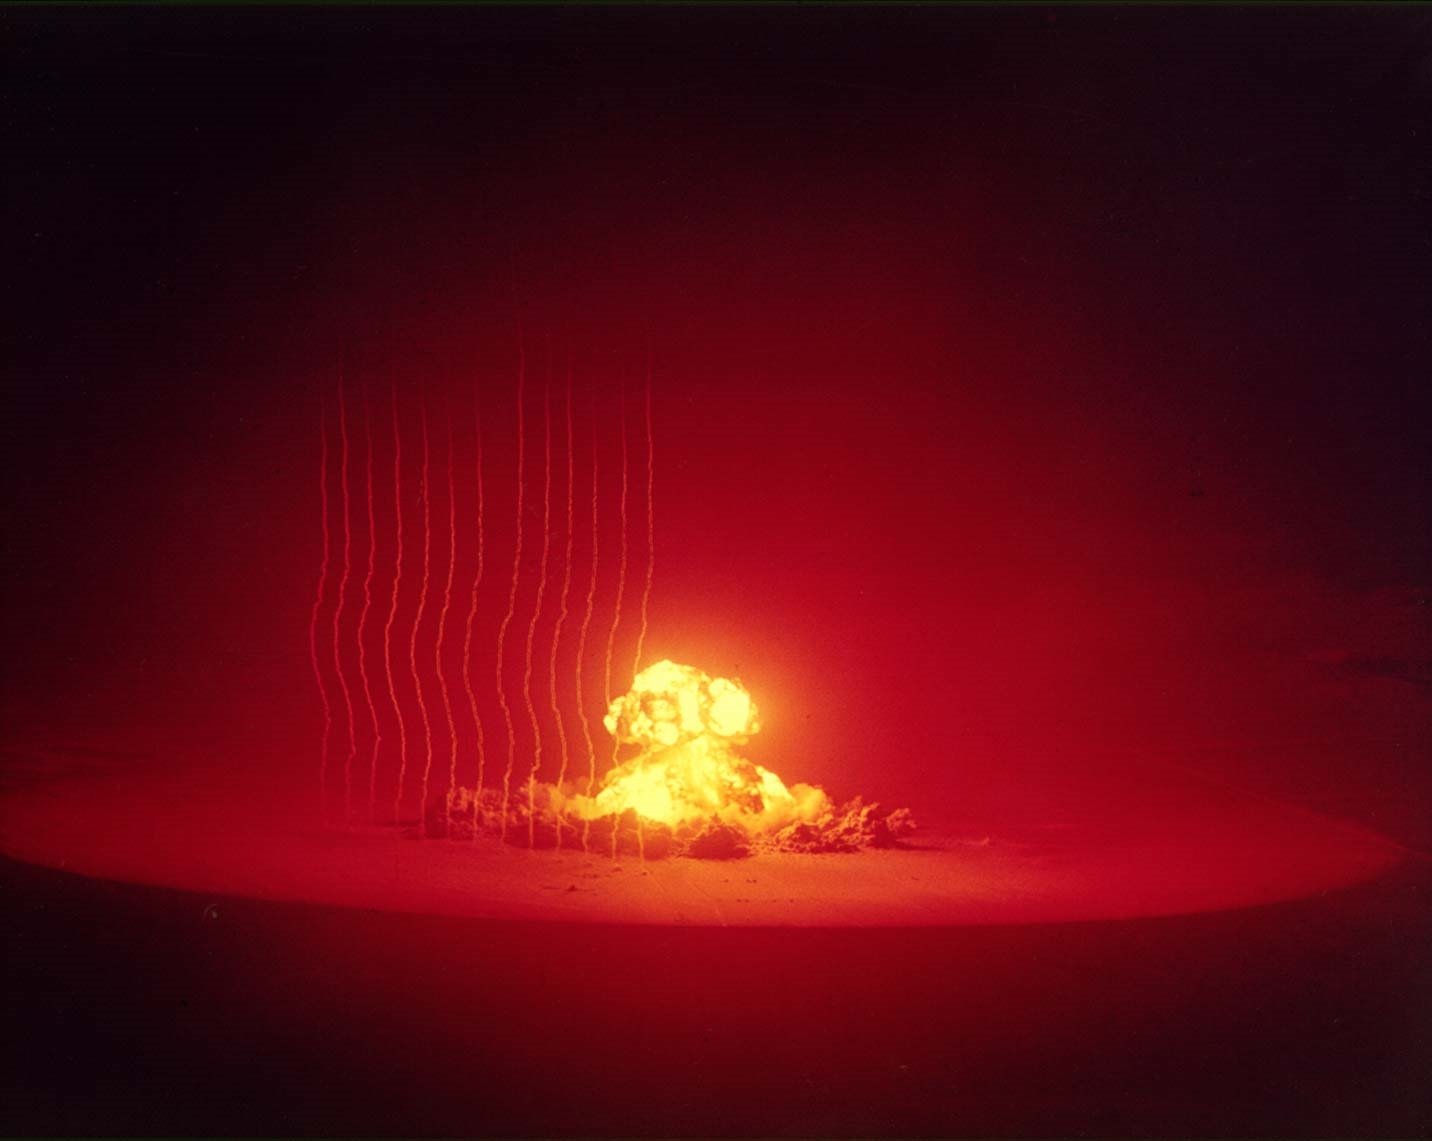 Ядерный взрыв. Nuclear explosion